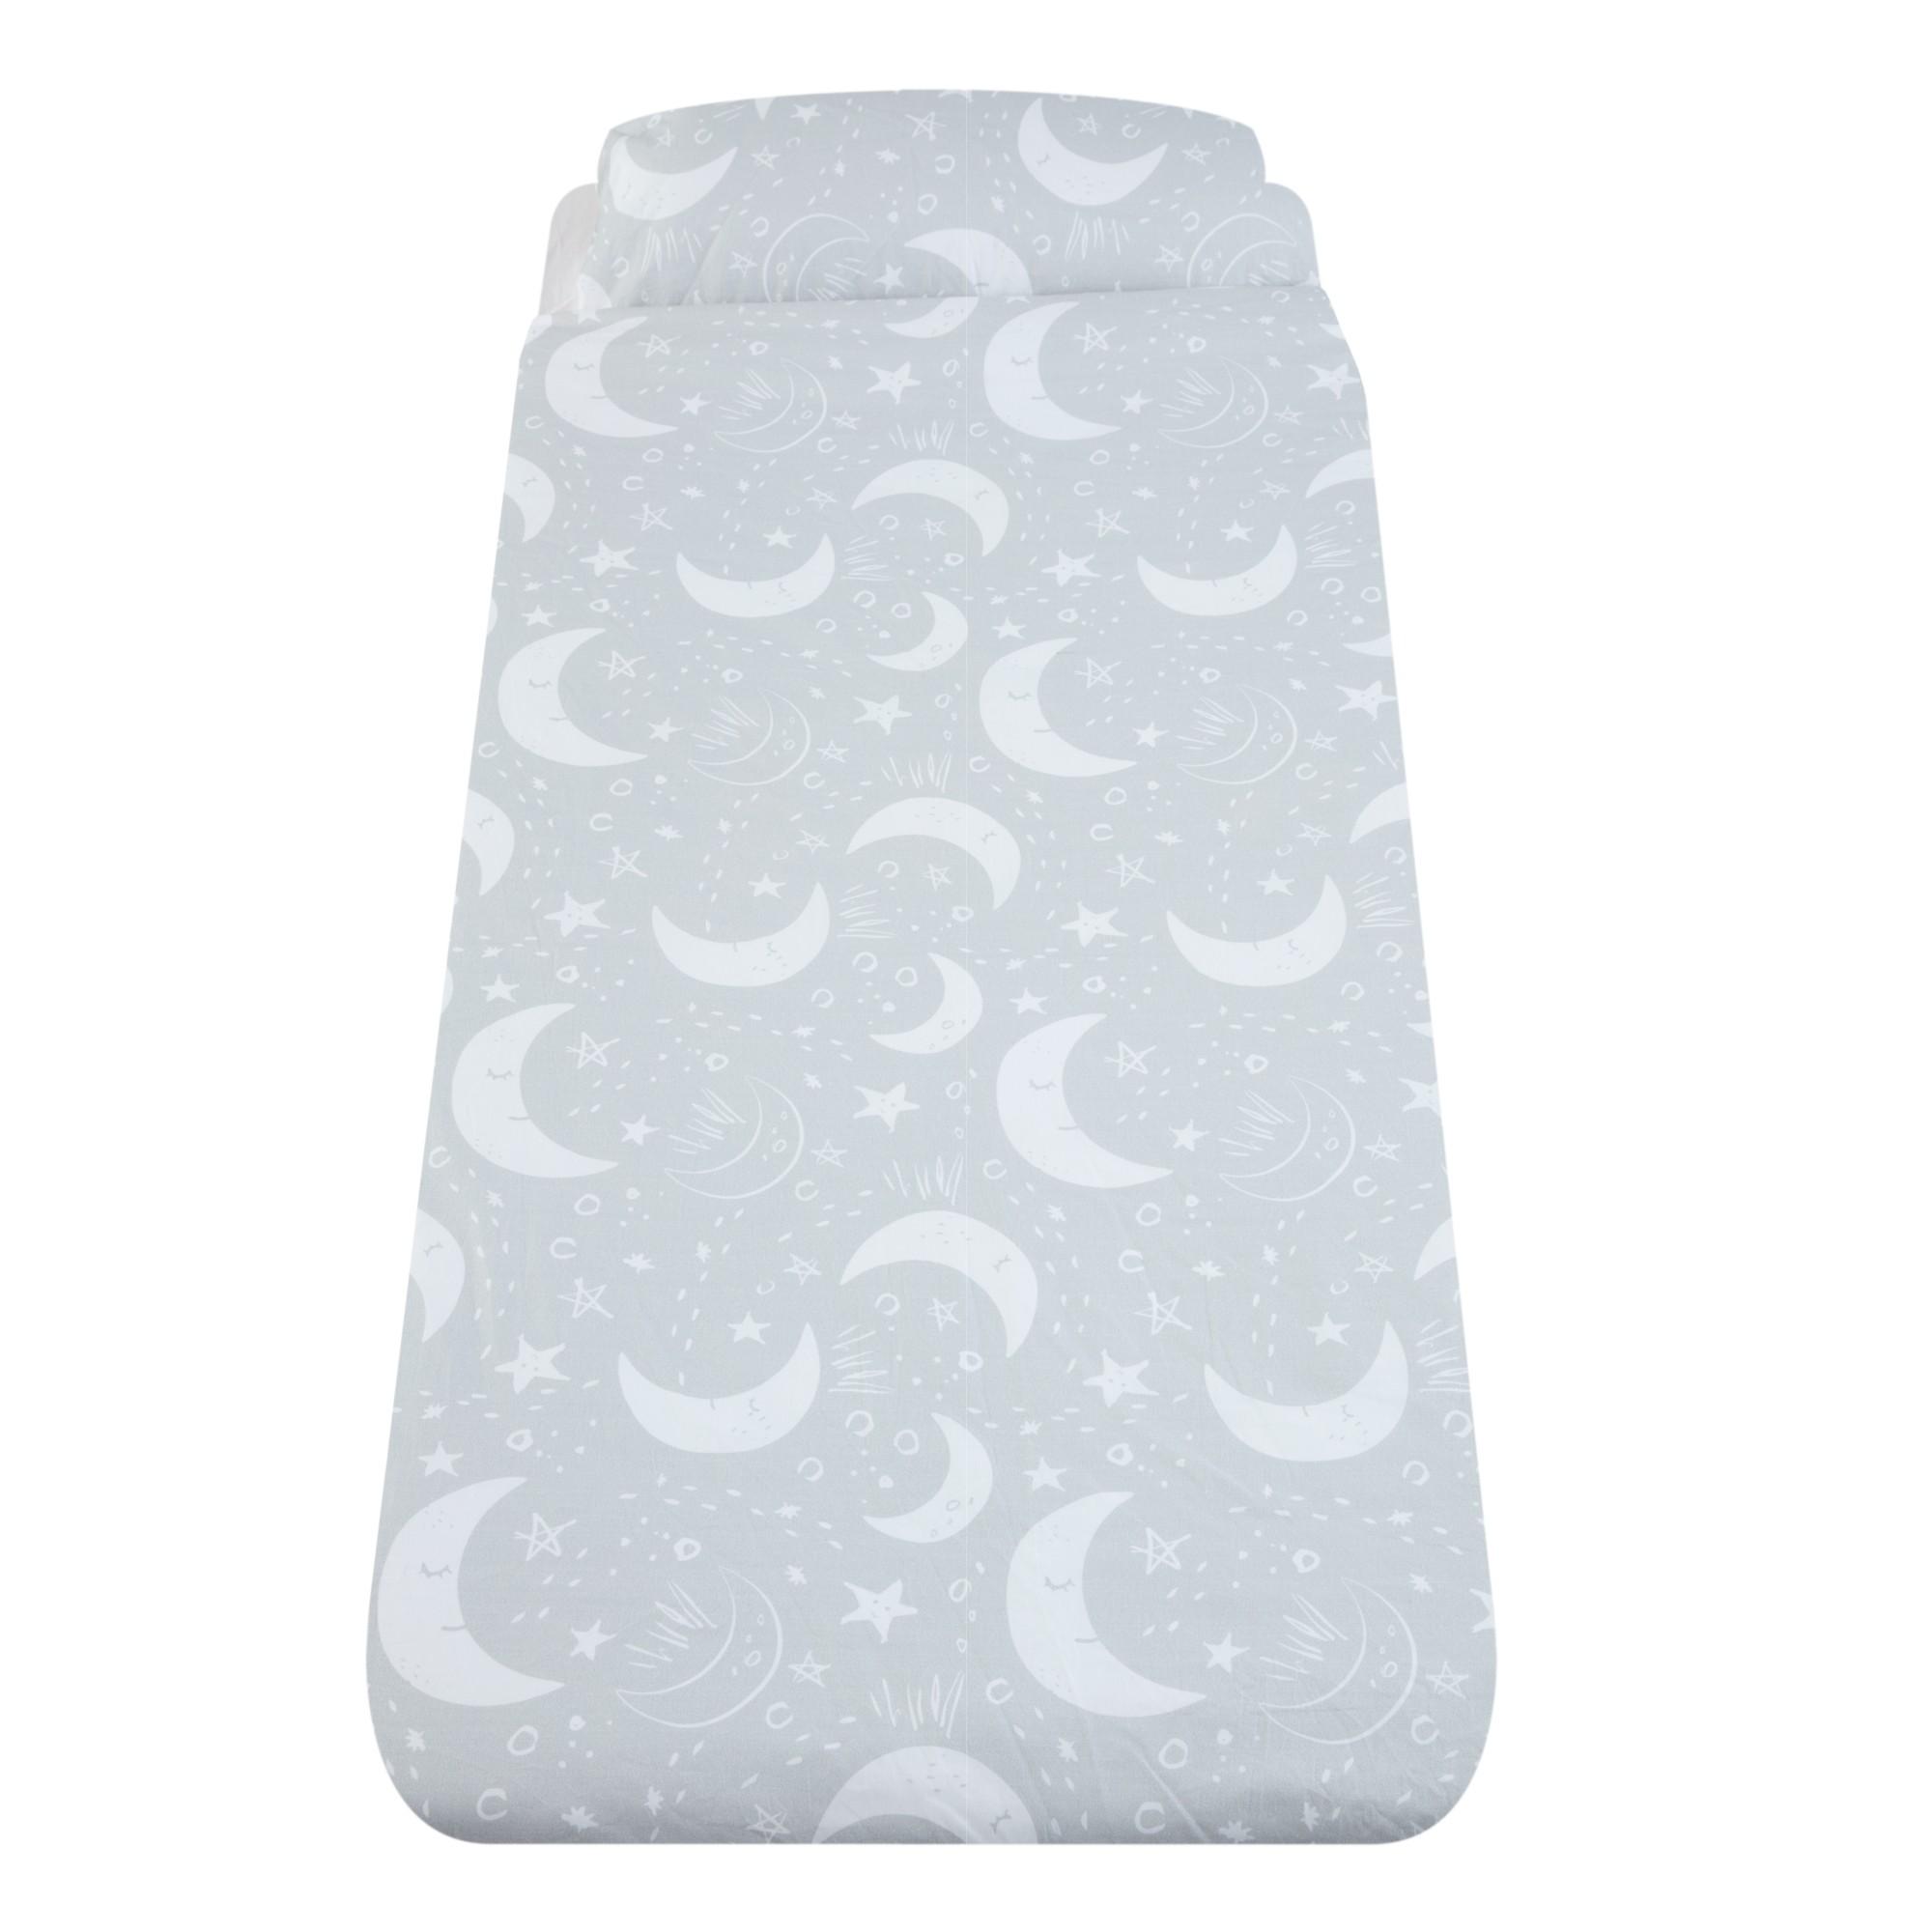 Lenjerie de pat, Luna, pentru pat cu saltea de 190 x 90 cm, Gro